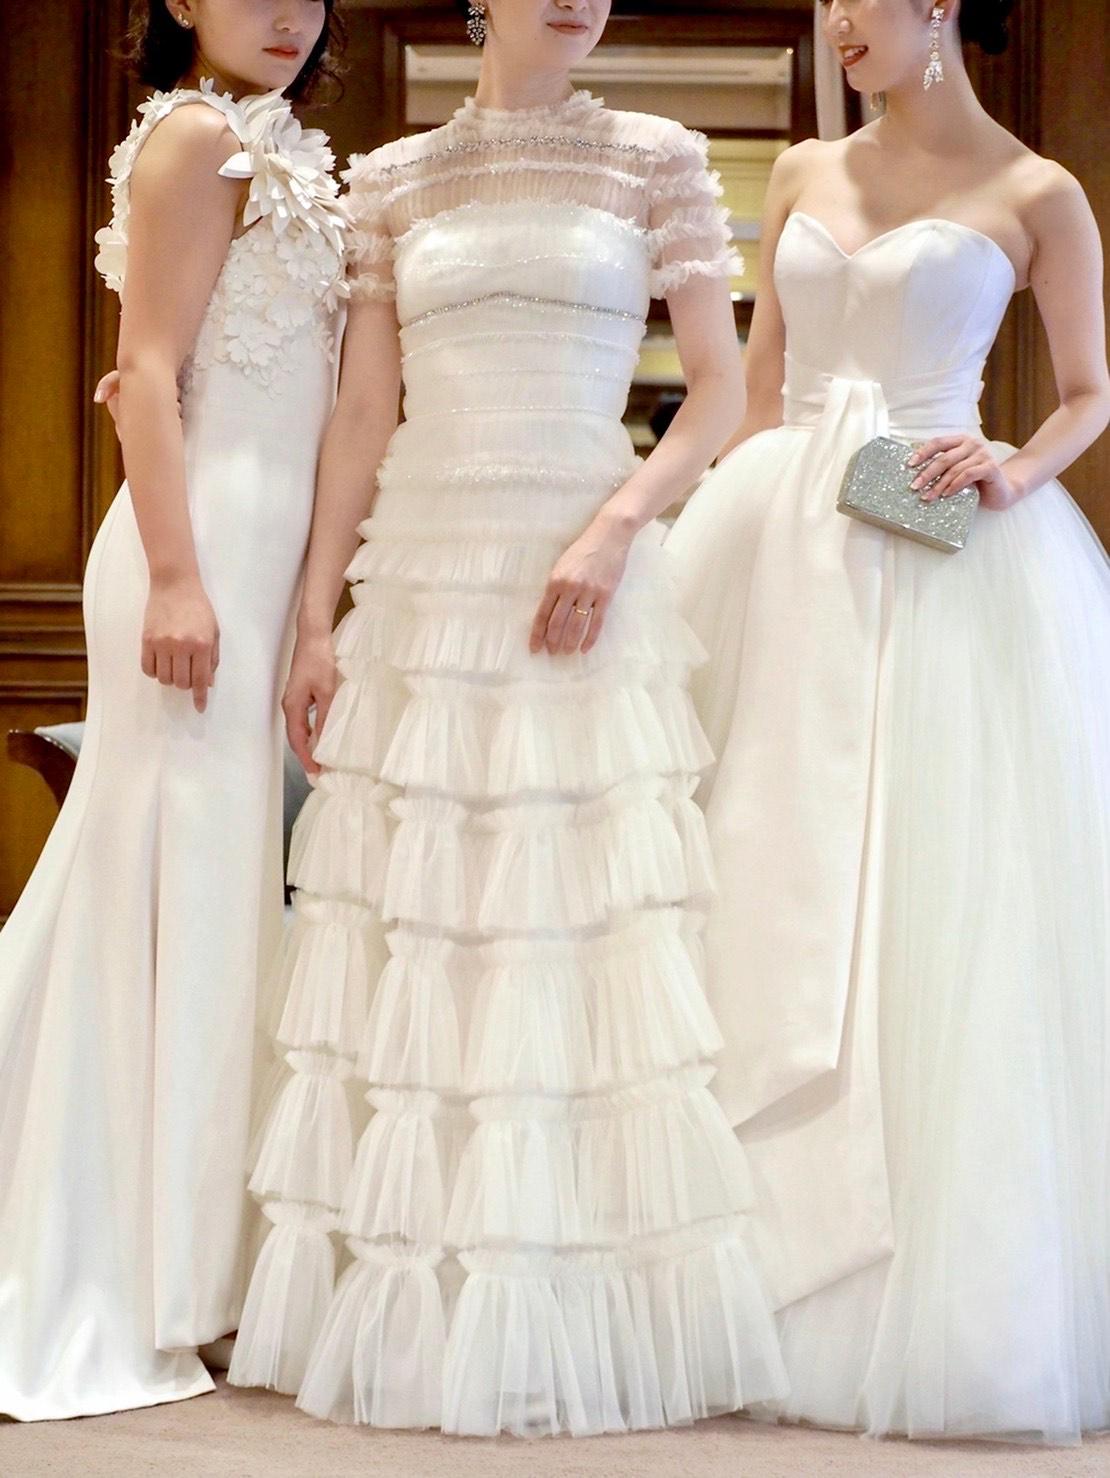 トリートドレッシング神戸店にて取り扱いのあるヴィクターアンドロルフのウエディングドレスのご紹介